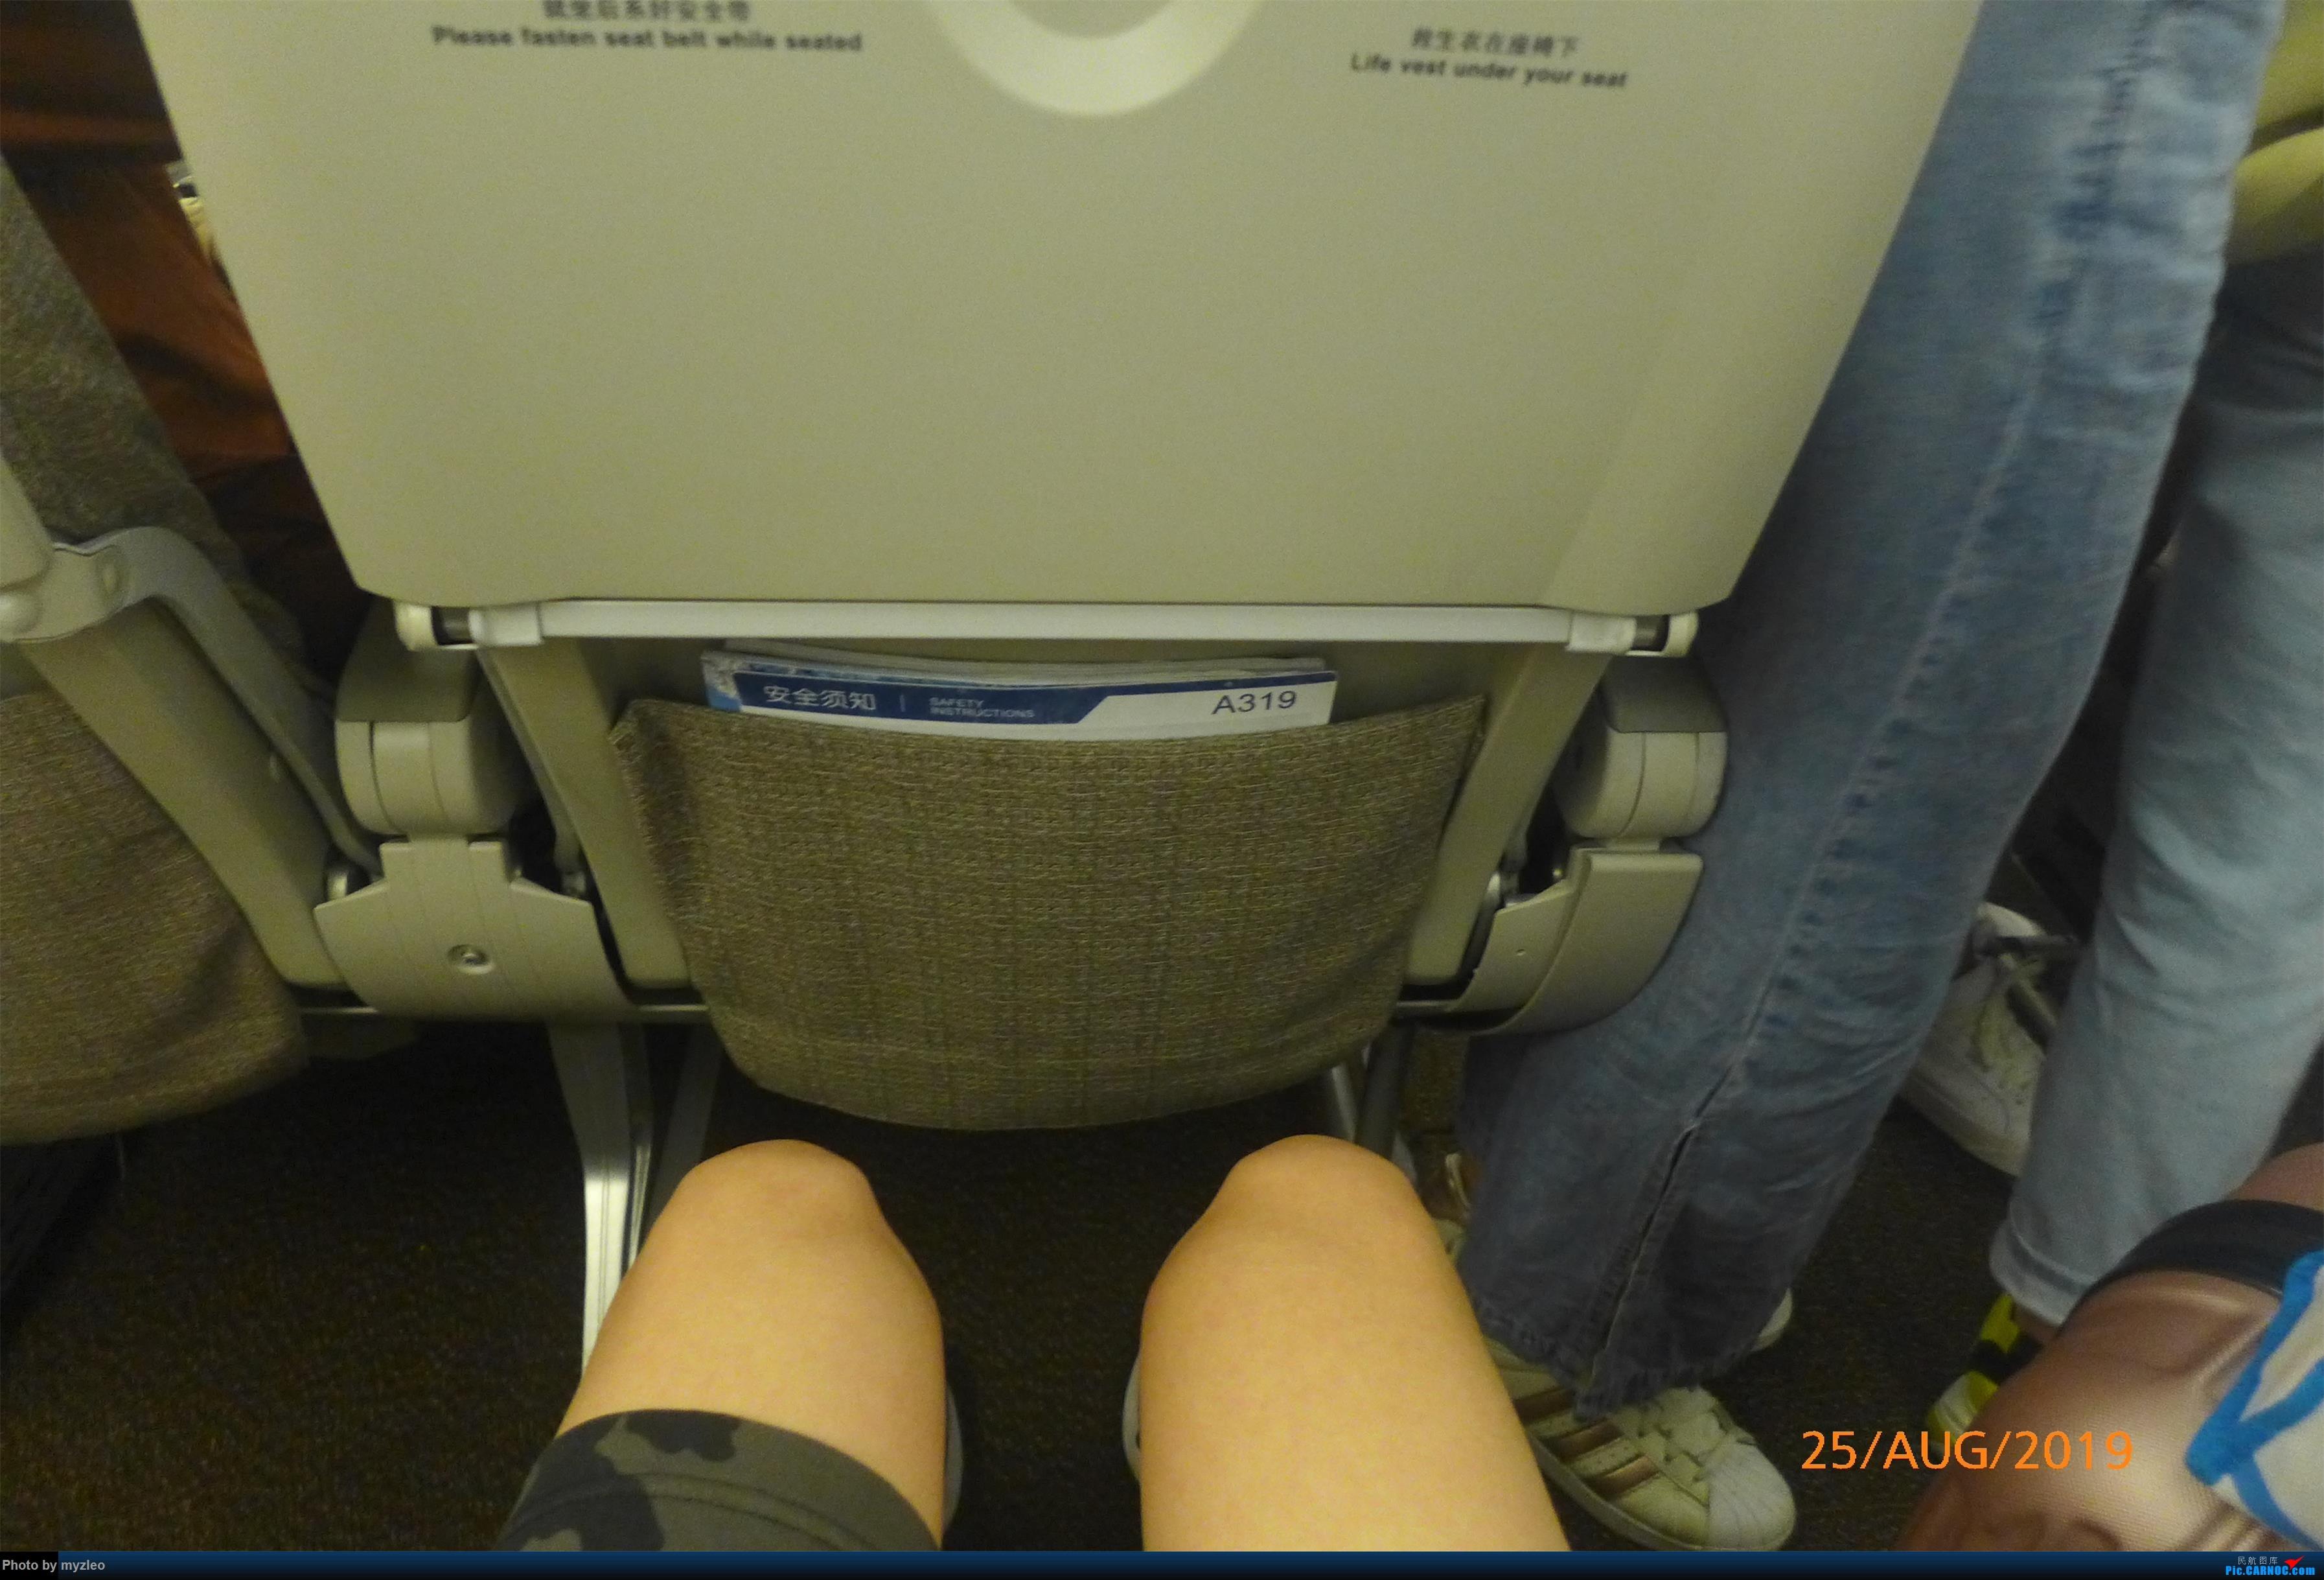 Re:[原创]【myzleo的游记5.3】在大连各景点穿梭不停,坐东航319返回上海 AIRBUS A319-100 B-6439 中国大连国际机场